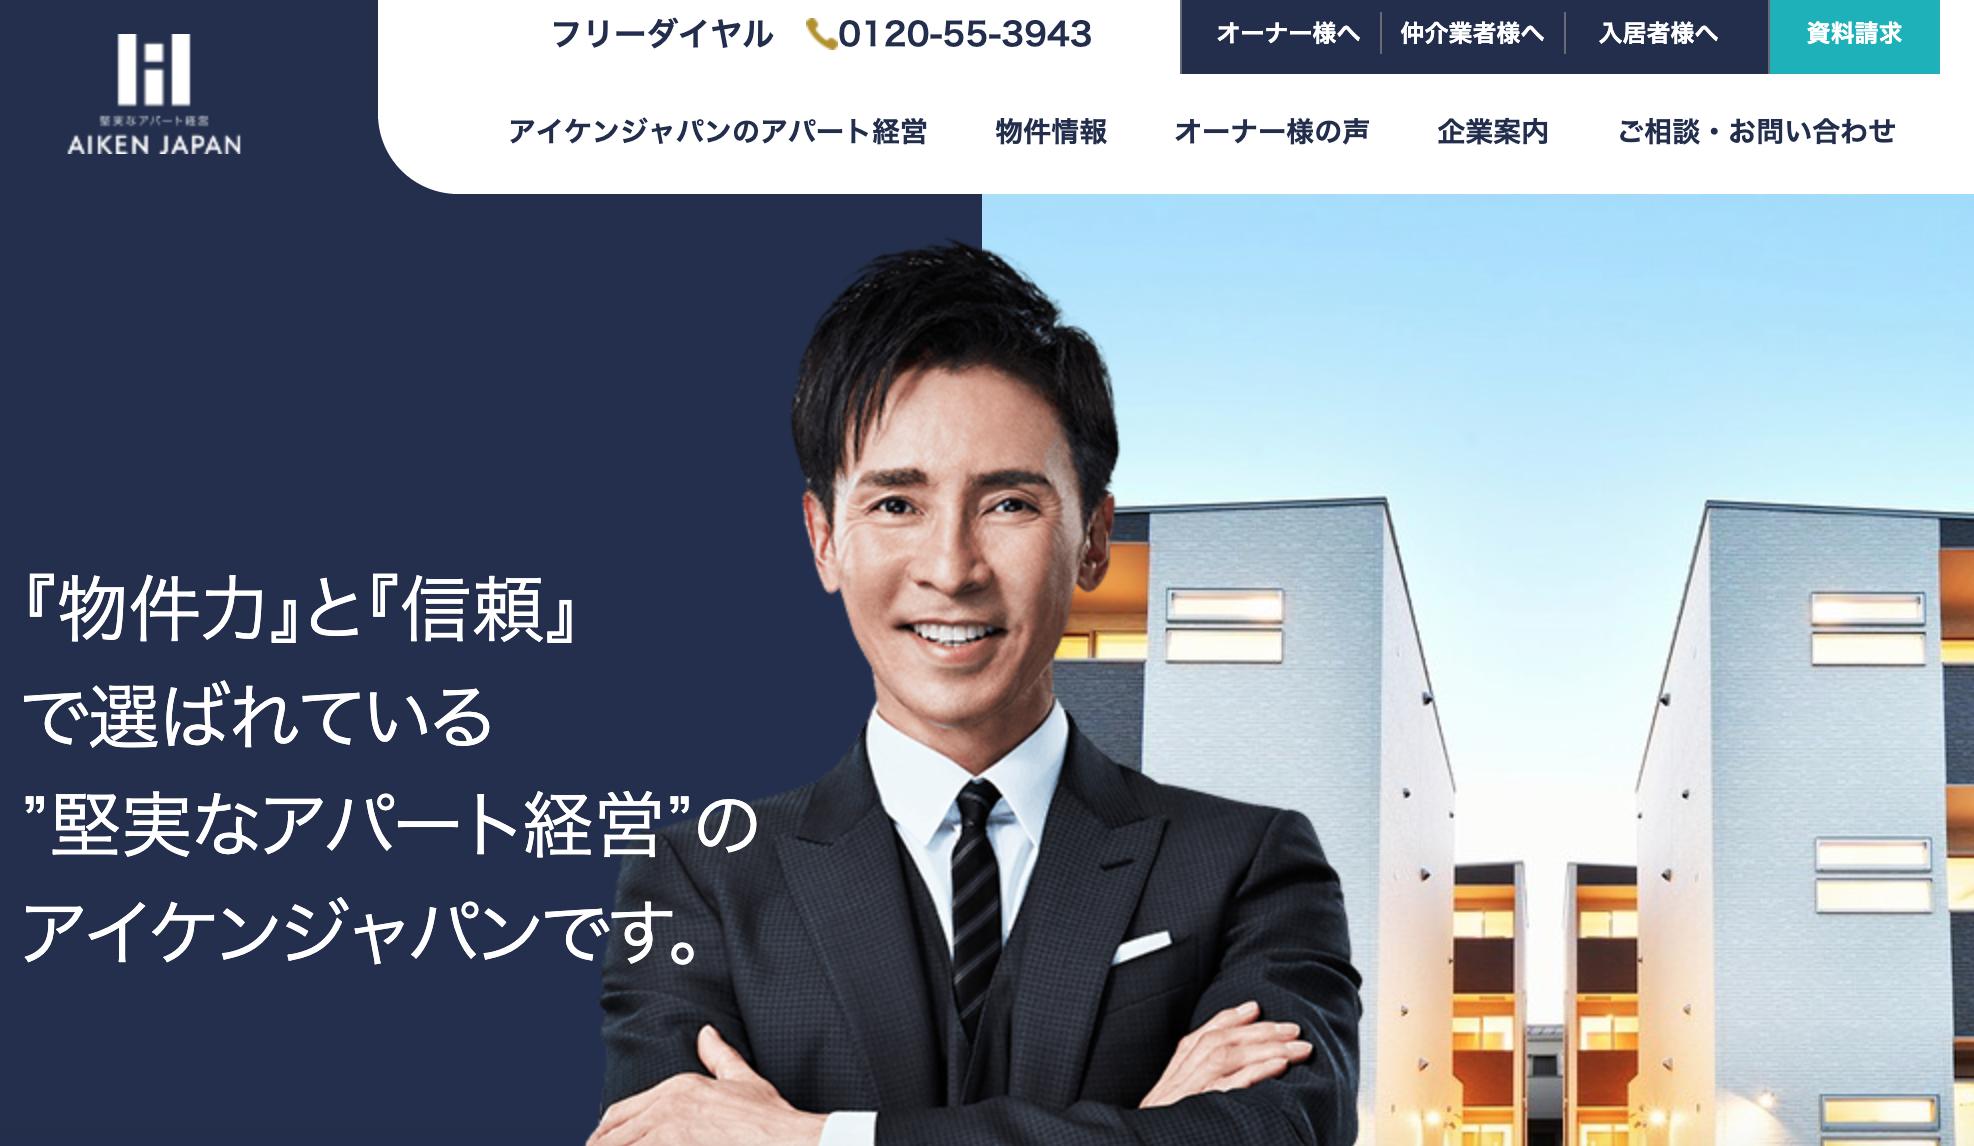 株式会社アイケンジャパン